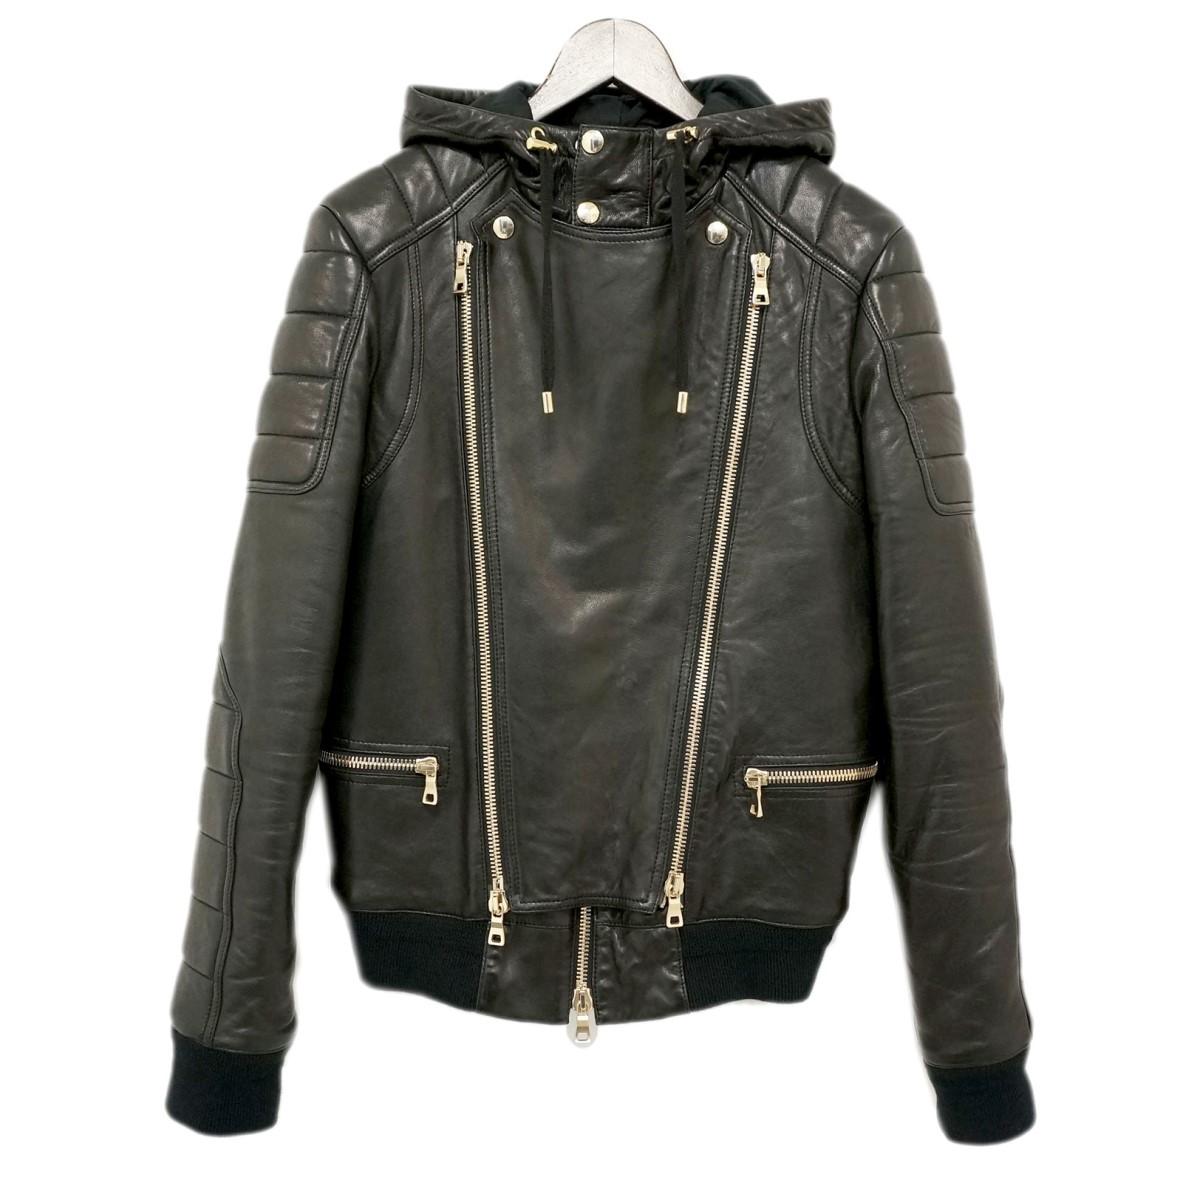 【中古】BALMAINフード付きレザーライダースジャケット W6HC896D592 ブラック サイズ:44 【4月23日見直し】